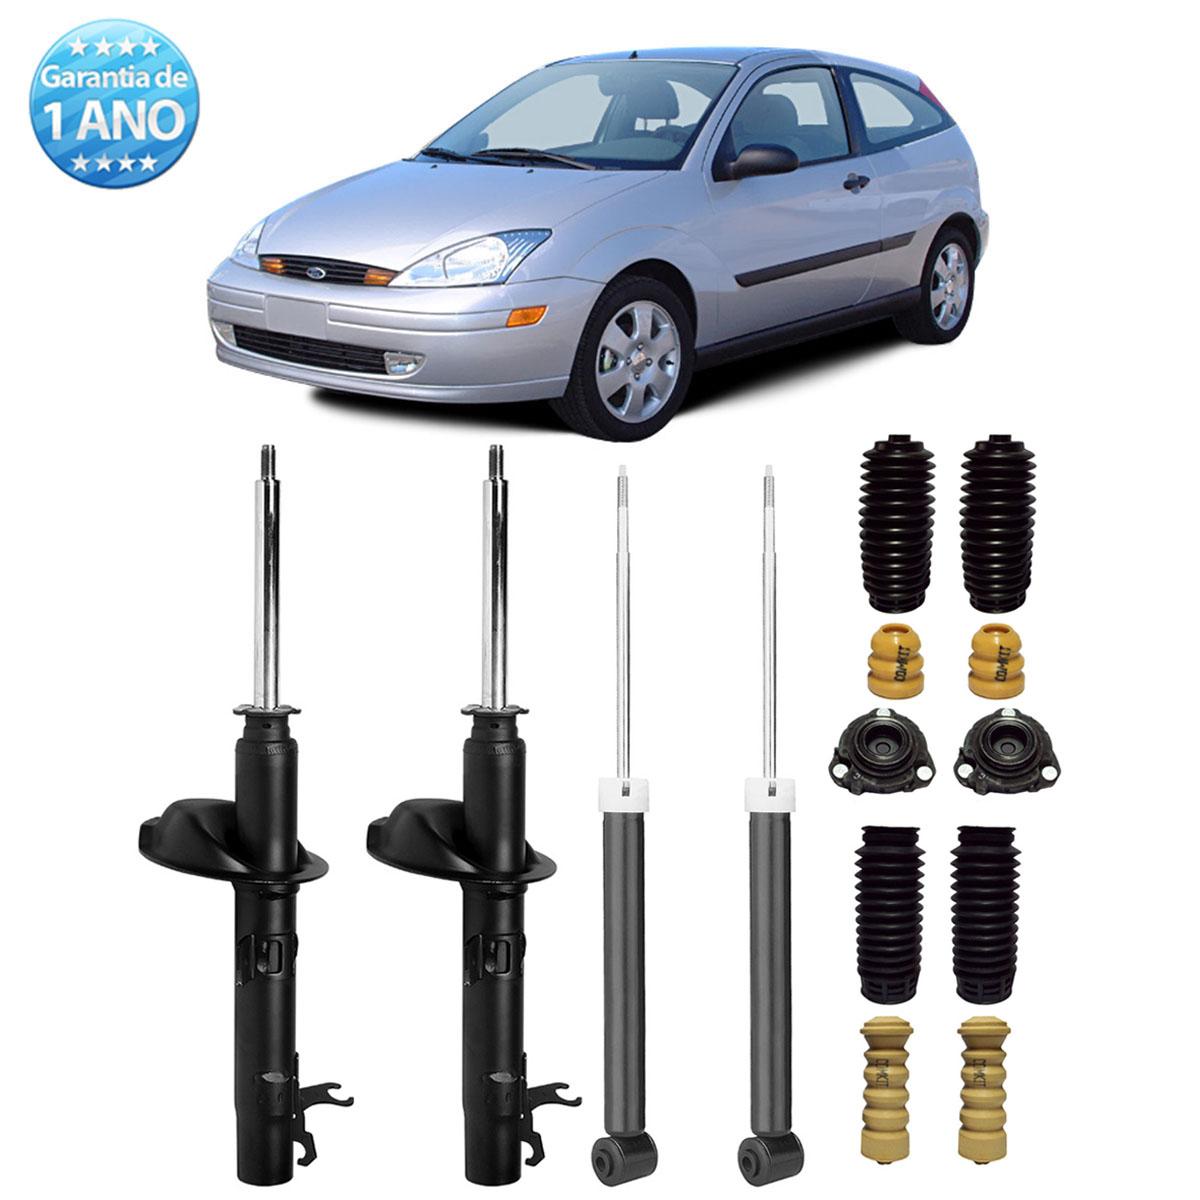 04 Amortecedores Remanufaturados Ford Focus 2000 Até 2008 + Kit da Suspensão